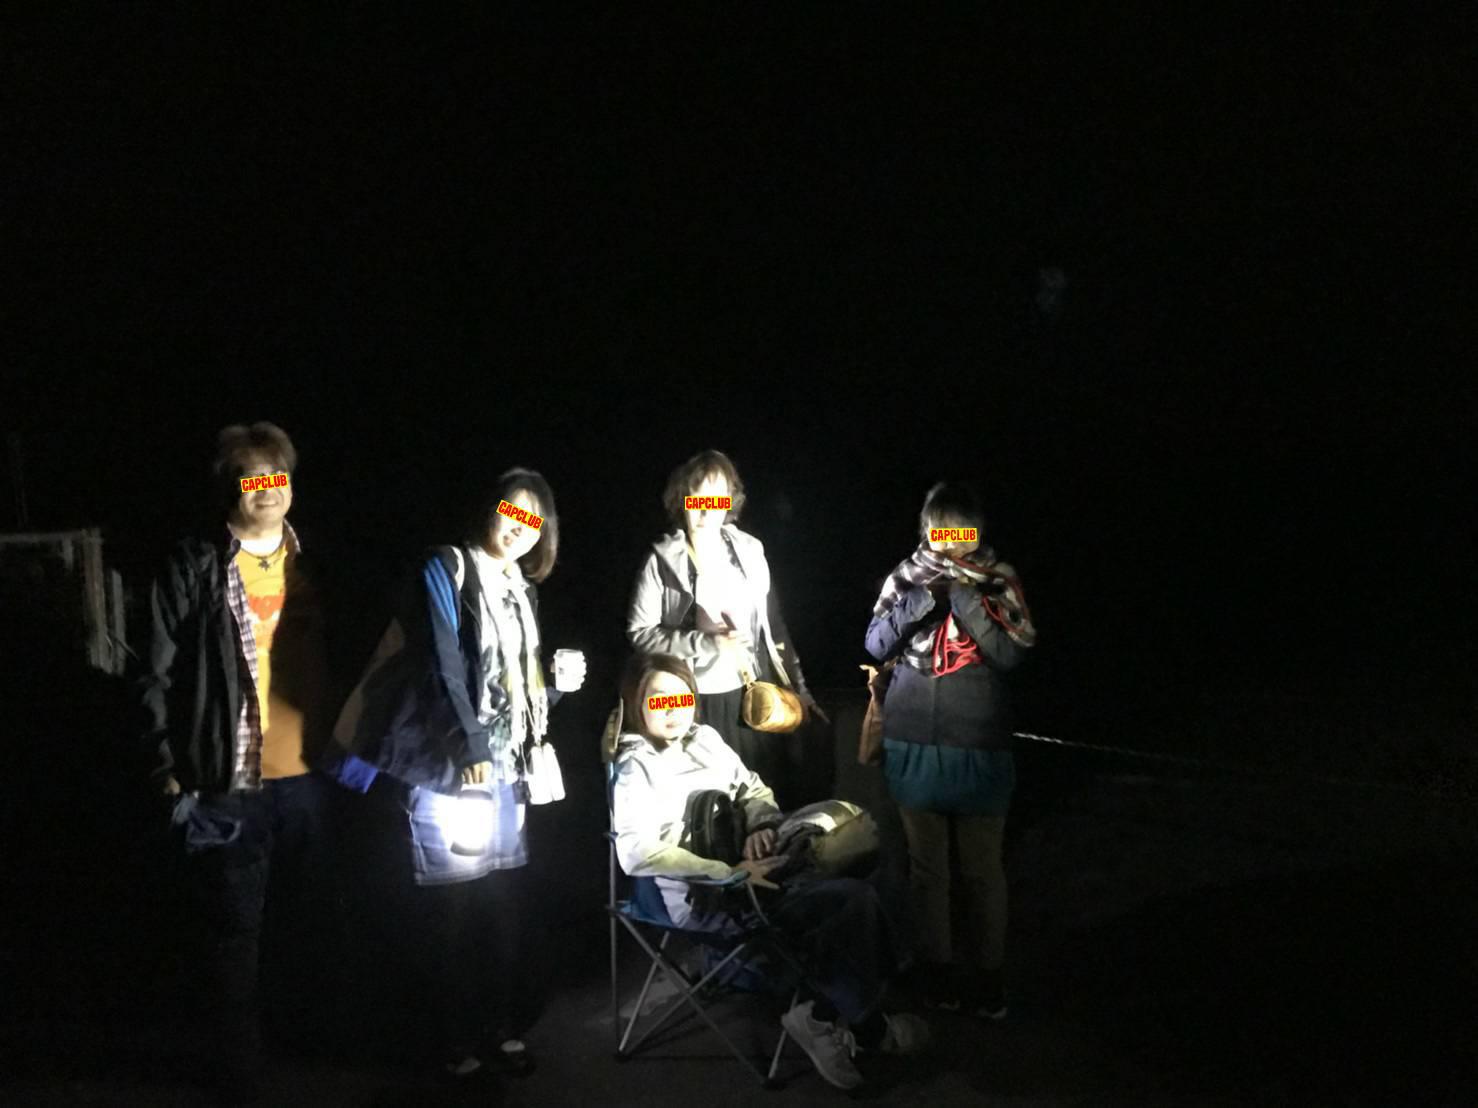 気球に乗って秋吉台の絶景を見よう!_c0150273_22535150.jpg